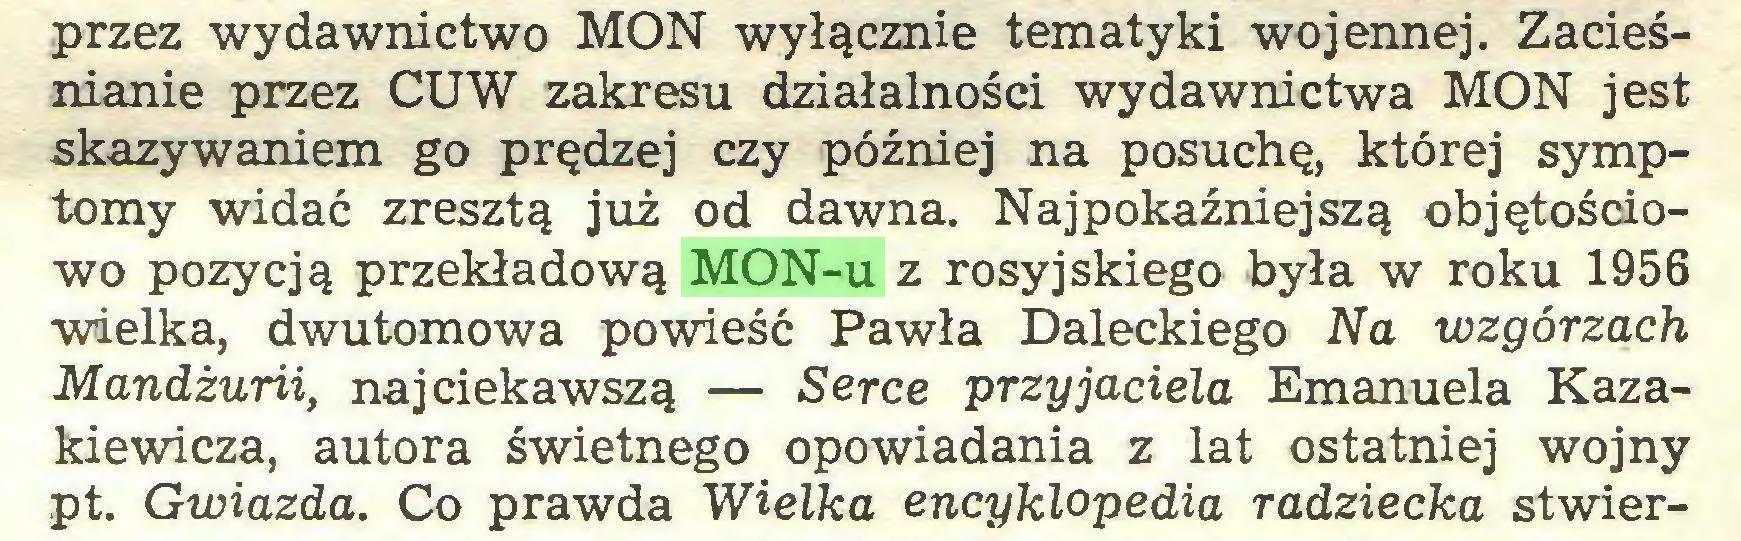 (...) przez wydawnictwo MON wyłącznie tematyki wojennej. Zacieśnianie przez CU W zakresu działalności wydawnictwa MON jest skazywaniem go prędzej czy później na posuchę, której symptomy widać zresztą już od dawna. Najpokaźniejszą objętościowo pozycją przekładową MON-u z rosyjskiego była w roku 1956 wielka, dwutomowa powieść Pawła Daleckiego Na wzgórzach Mandżurii, najciekawszą — Serce przyjaciela Emanuela Kazakiewicza, autora świetnego opowiadania z lat ostatniej wojny pt. Gwiazda. Co prawda Wielka encyklopedia radziecka stwier...